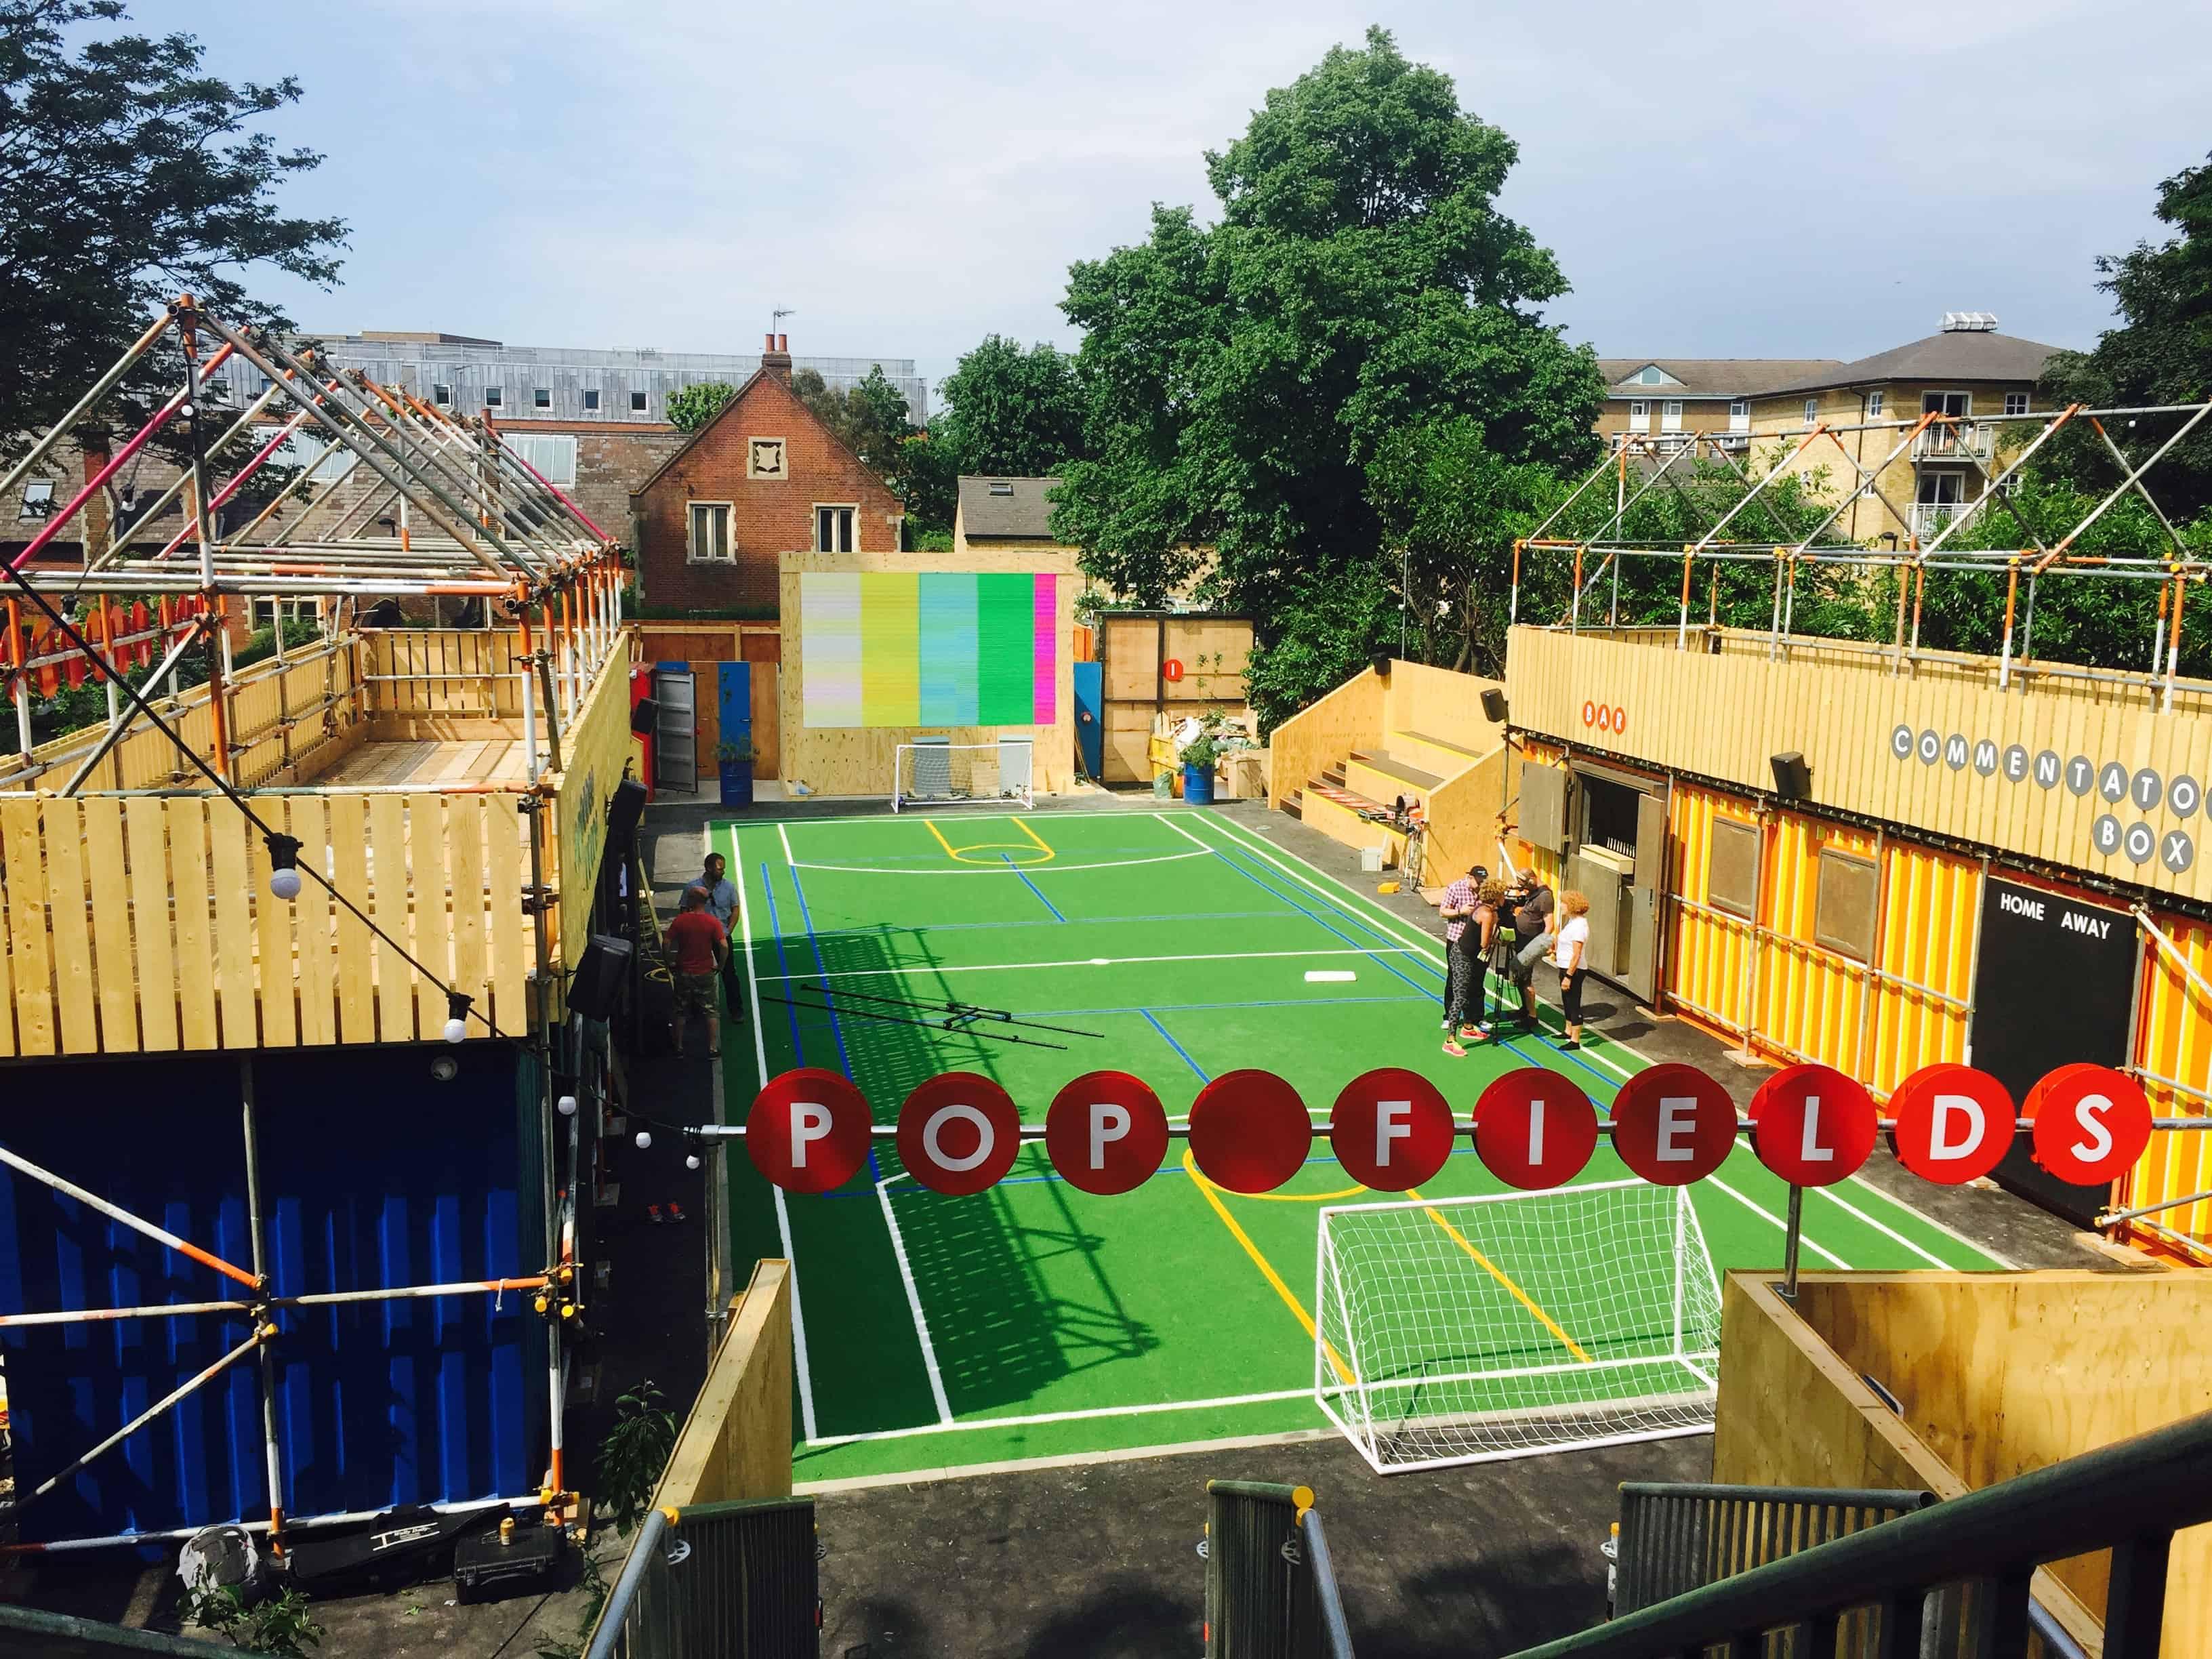 outdoor led screen hire London Pop Brixton video screen Installs vortex events